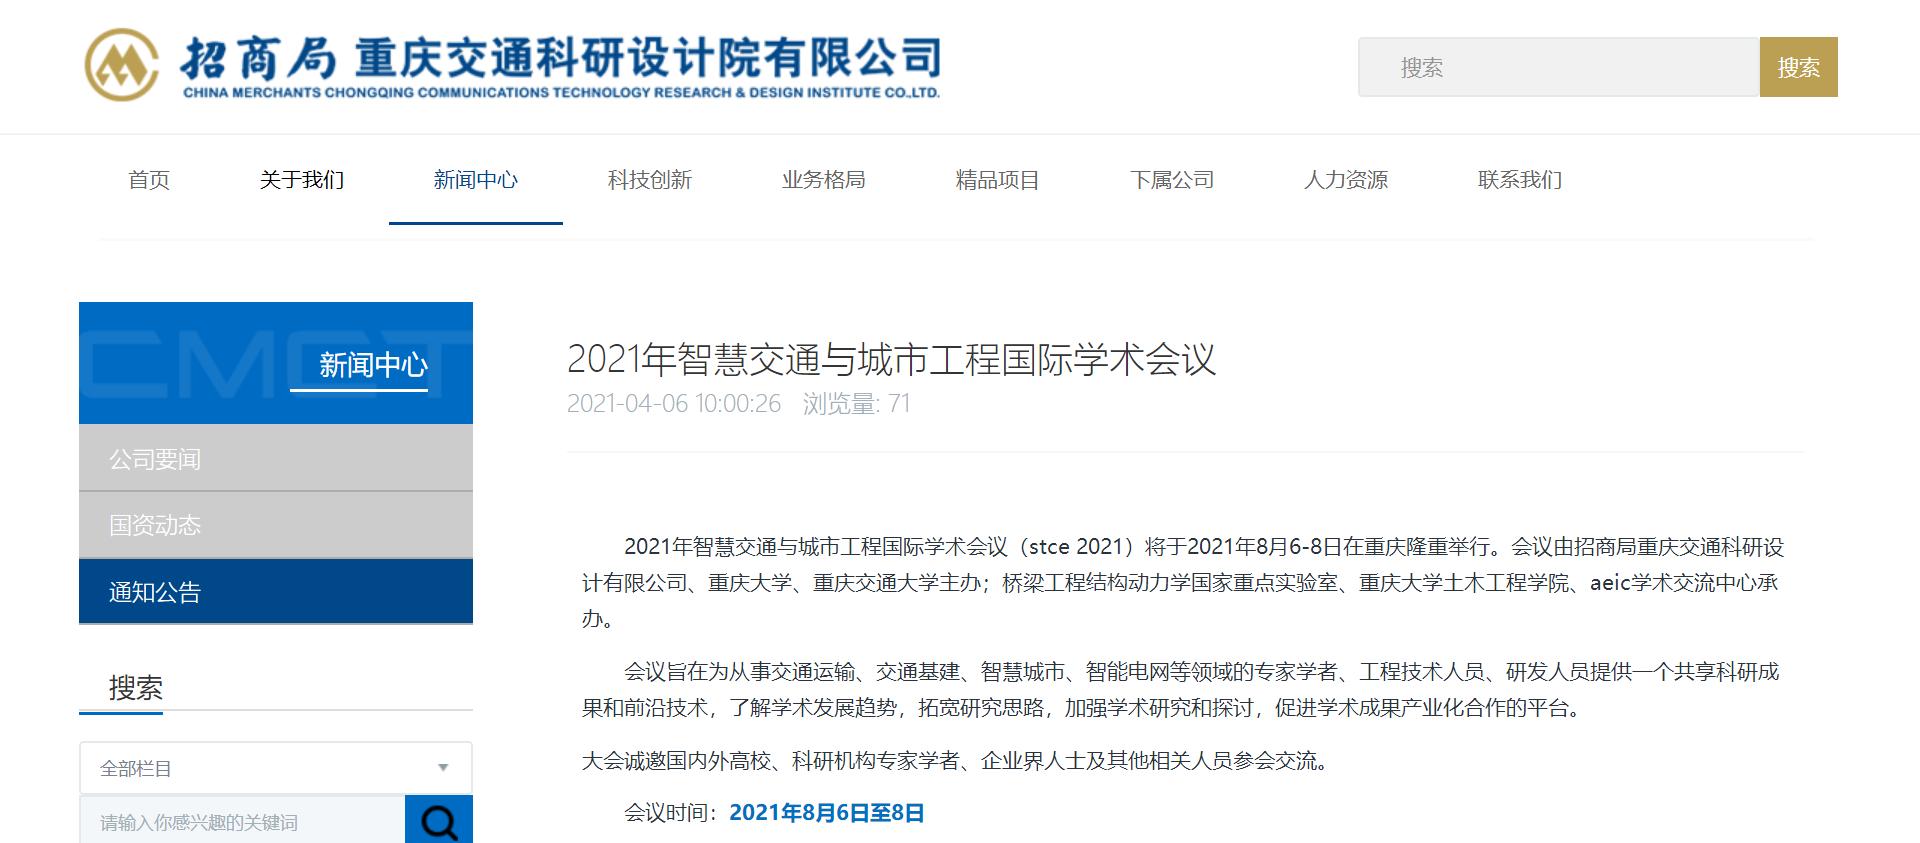 2021年智慧交通与城市工程国际学术会议-招商局重庆交通科研设计院有限公司.png